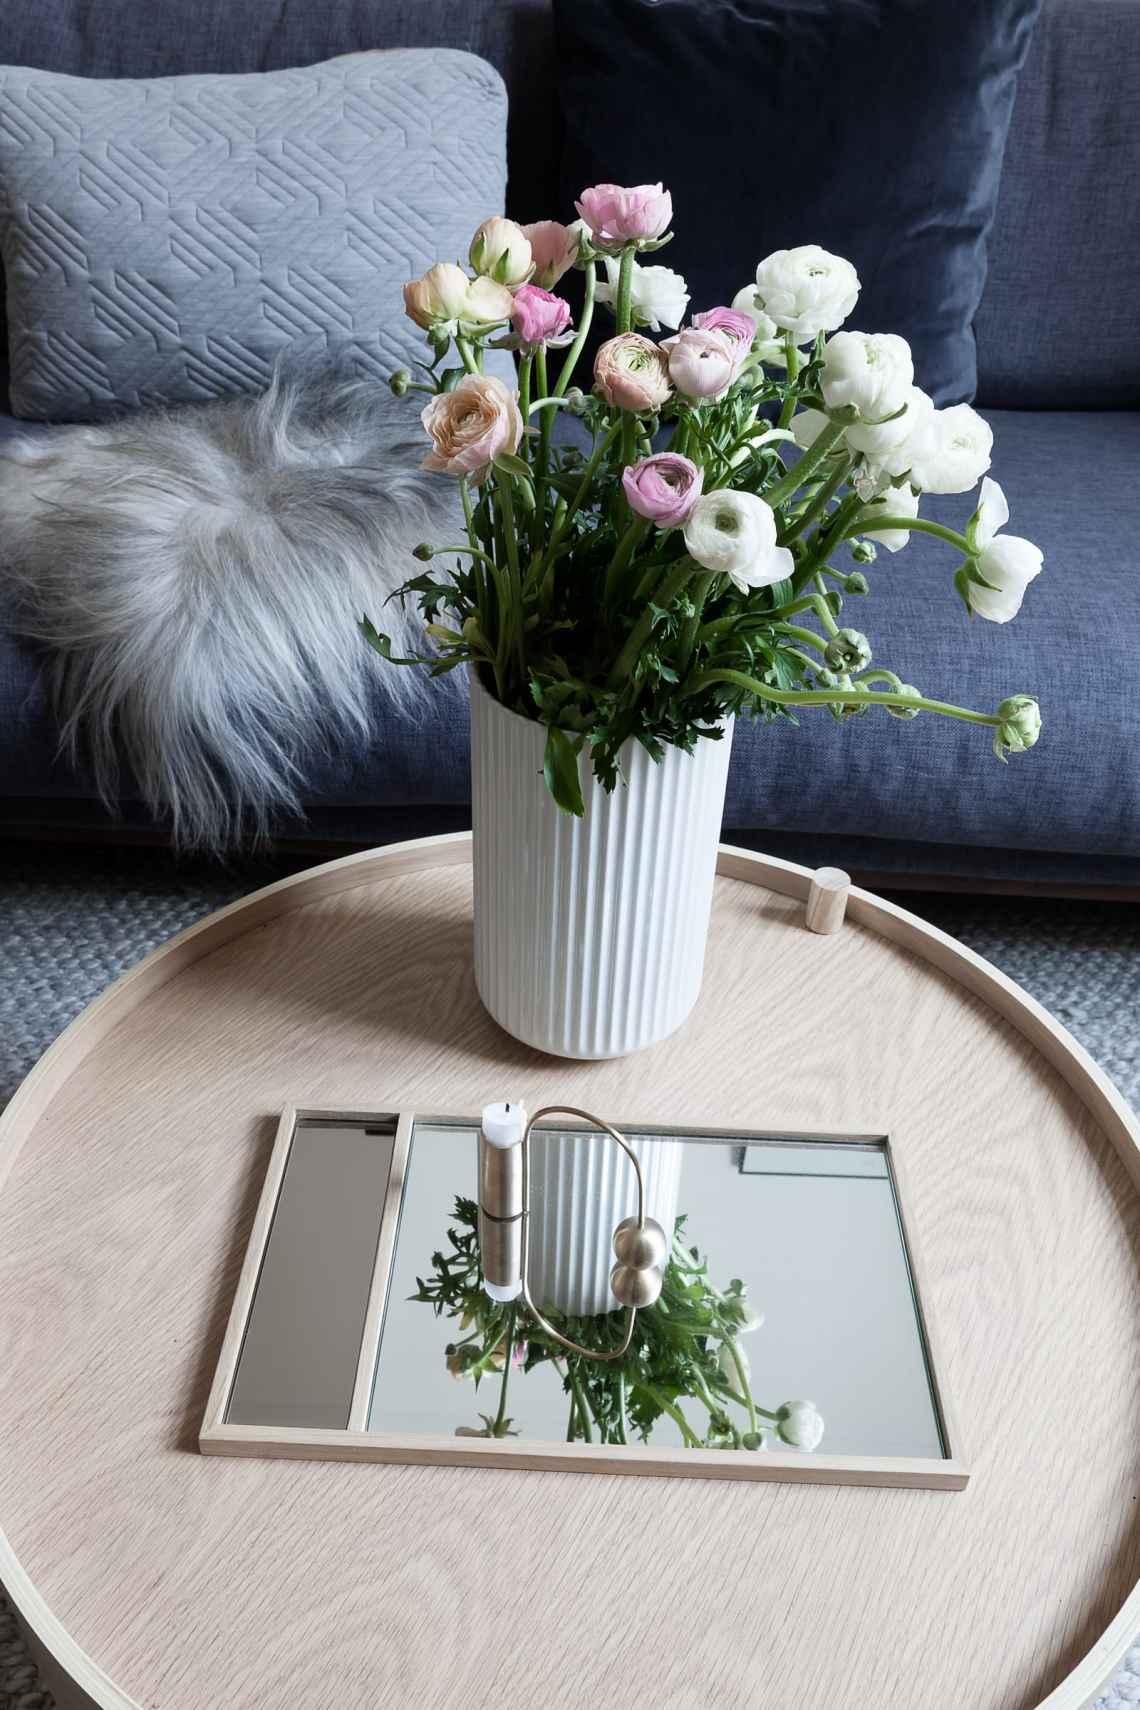 Spring flowers - via Coco Lapine Design blog